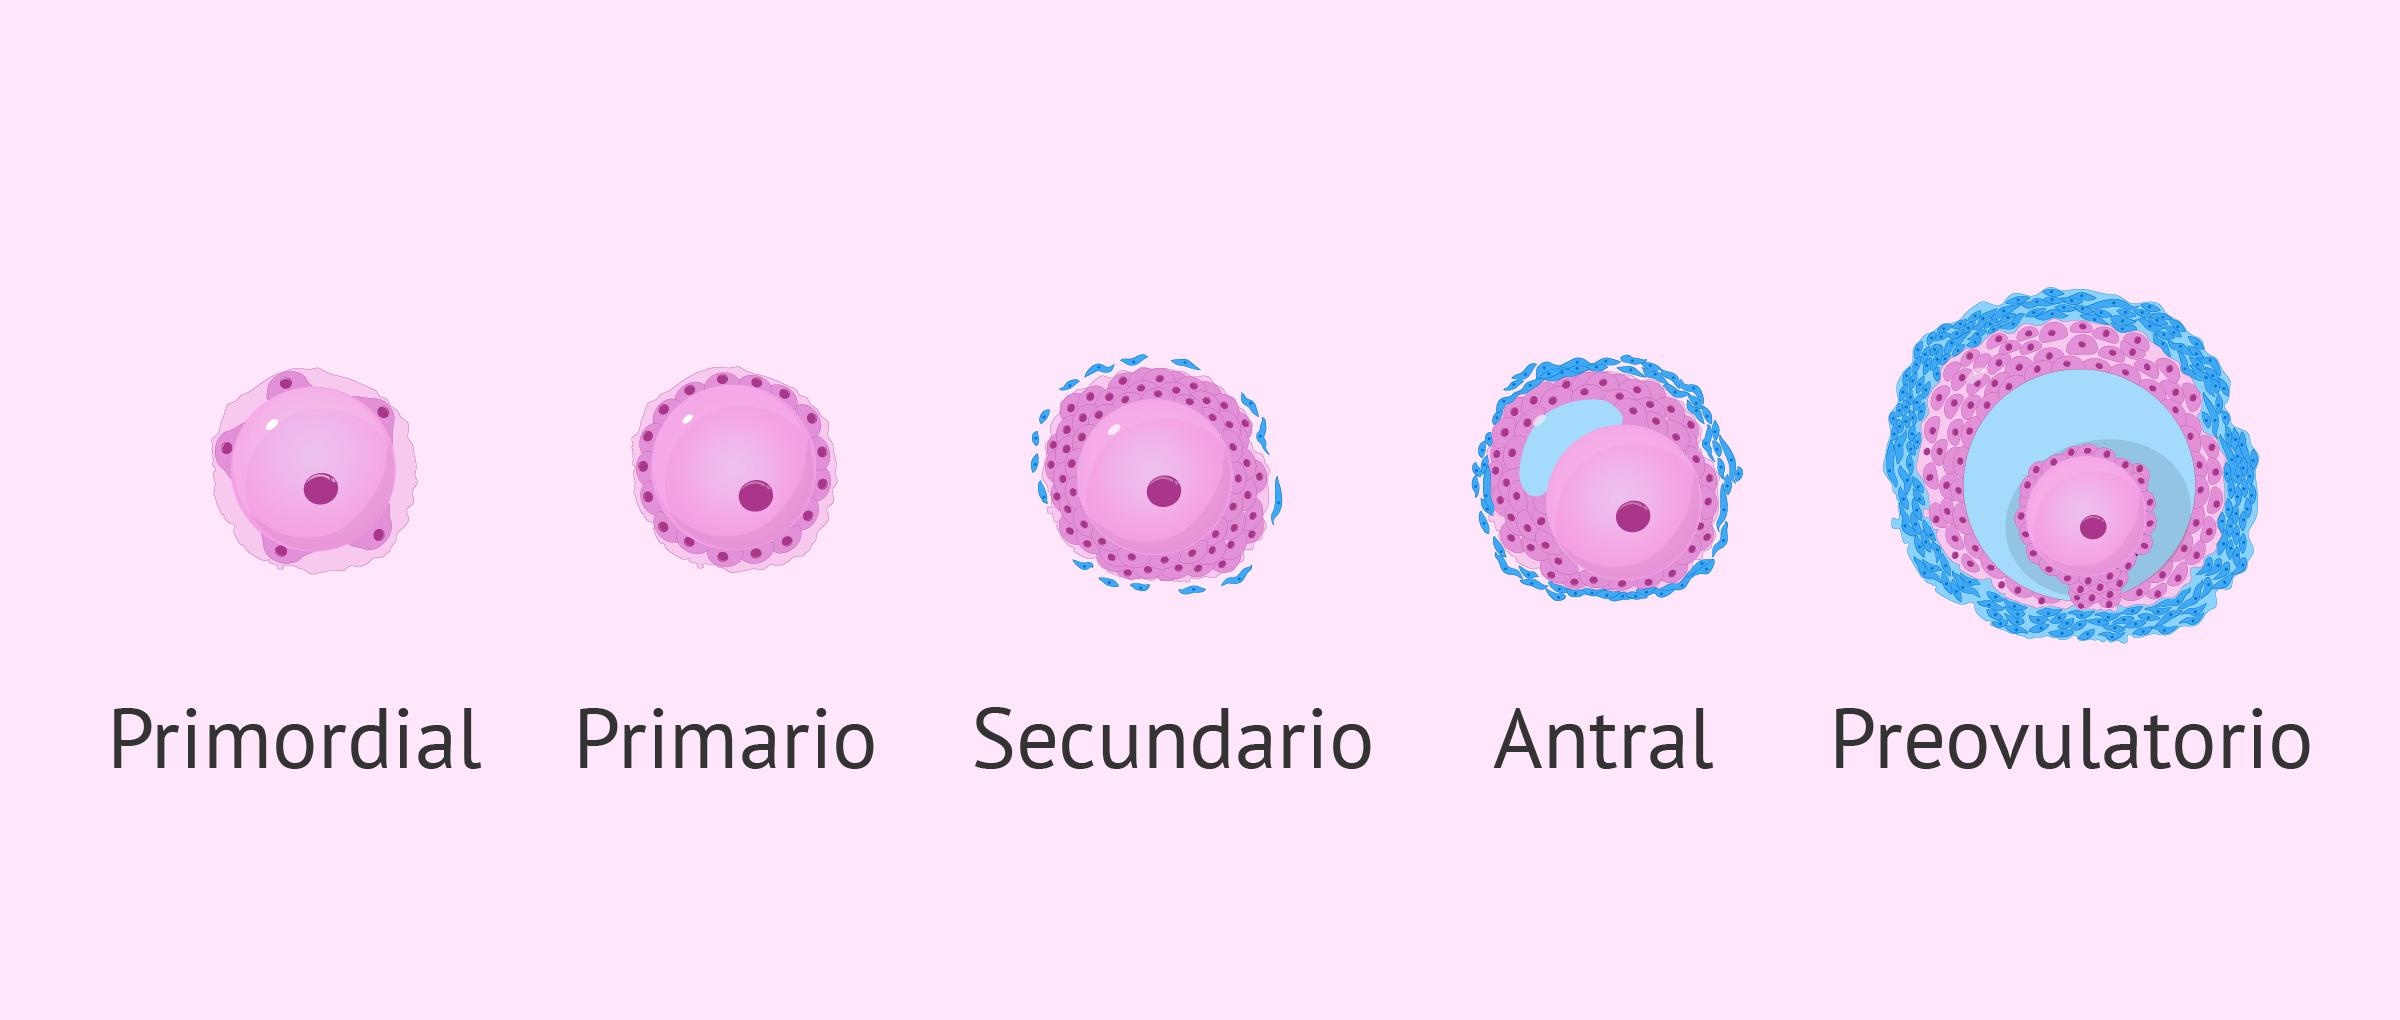 Desarrollo de los folículos del ovario